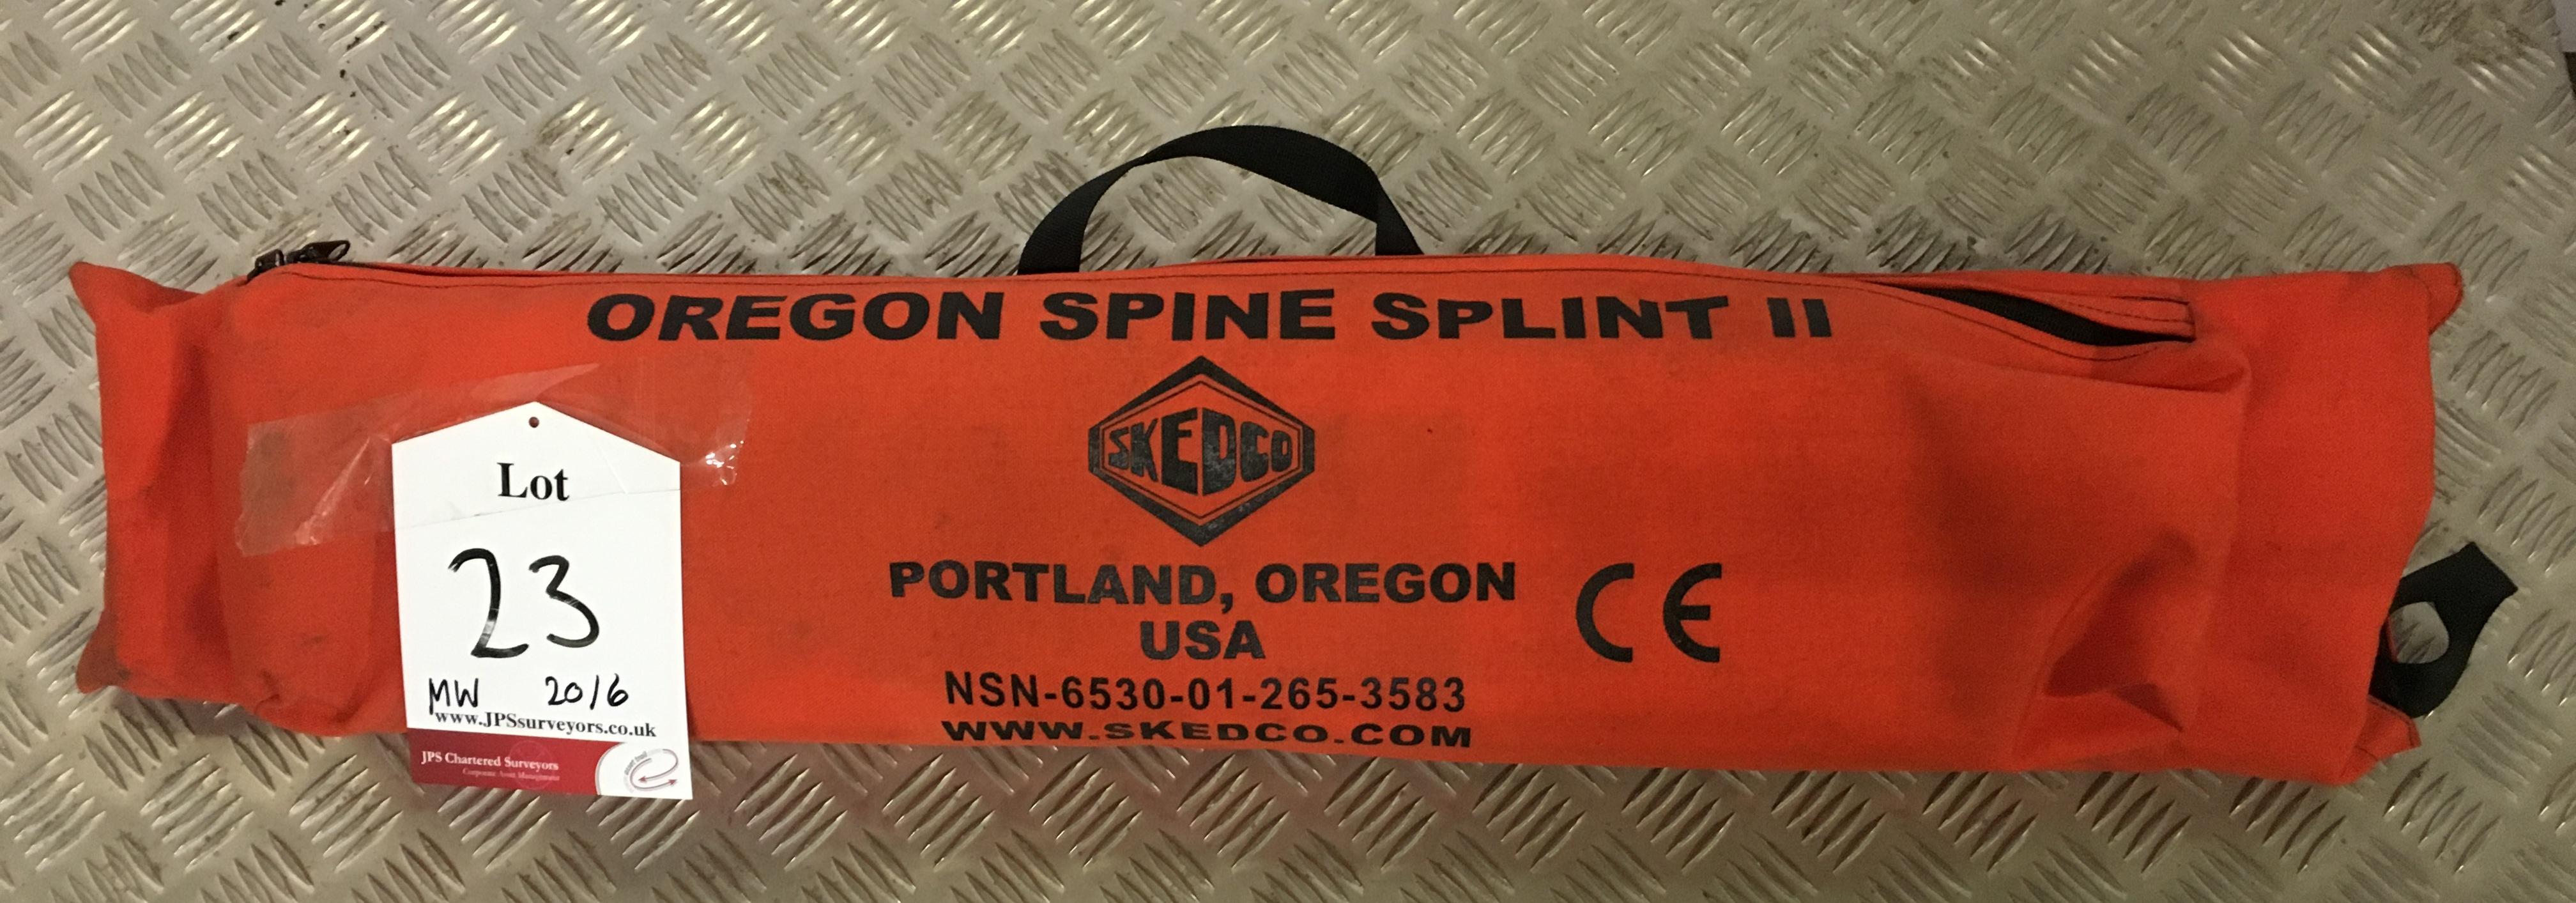 Lot 23 - Skedco Oregon spine splint